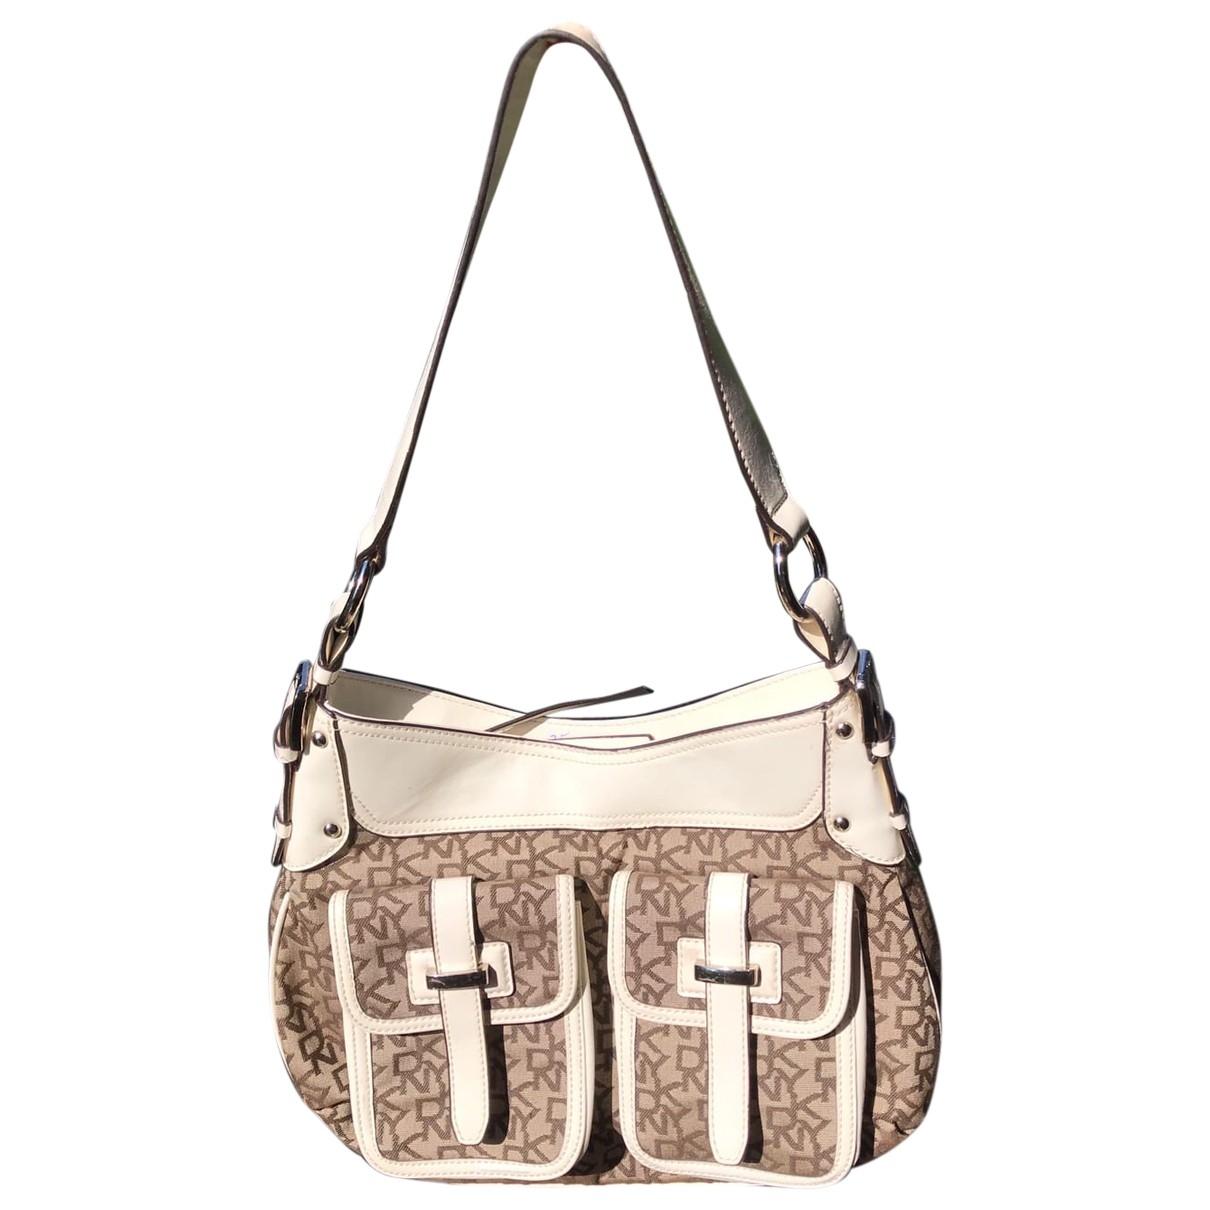 Dkny \N White Cotton handbag for Women \N